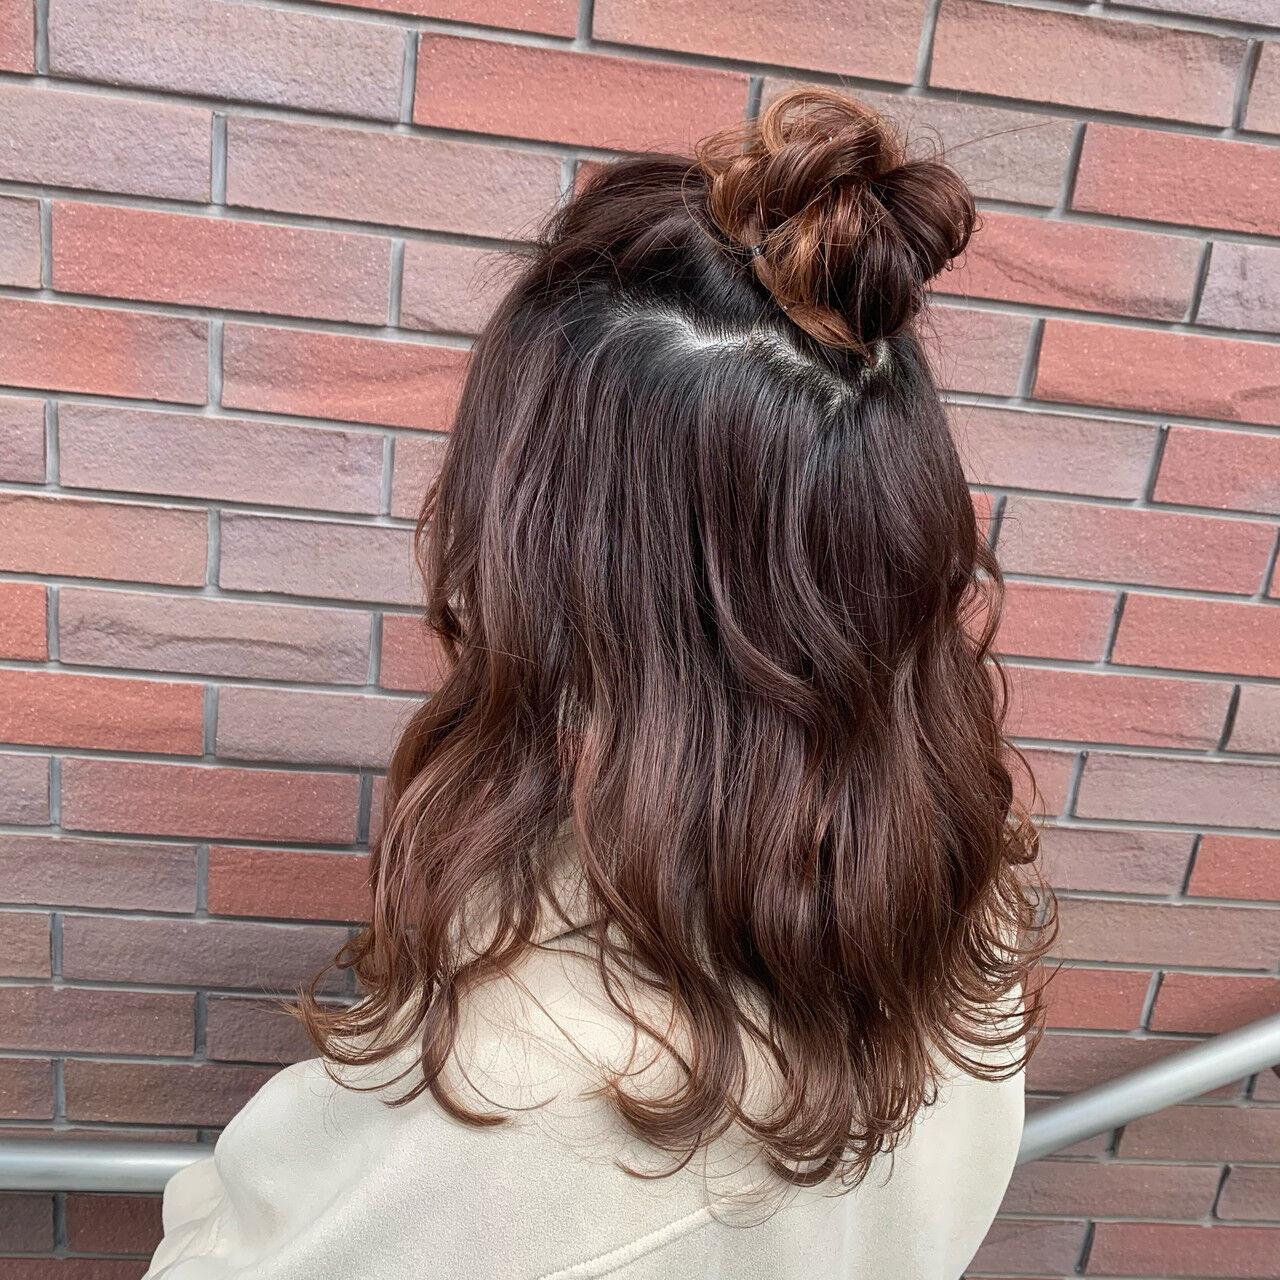 トップふんわりハーフアップお団子 古沢みづき  hair&makeEARTH 菊名店